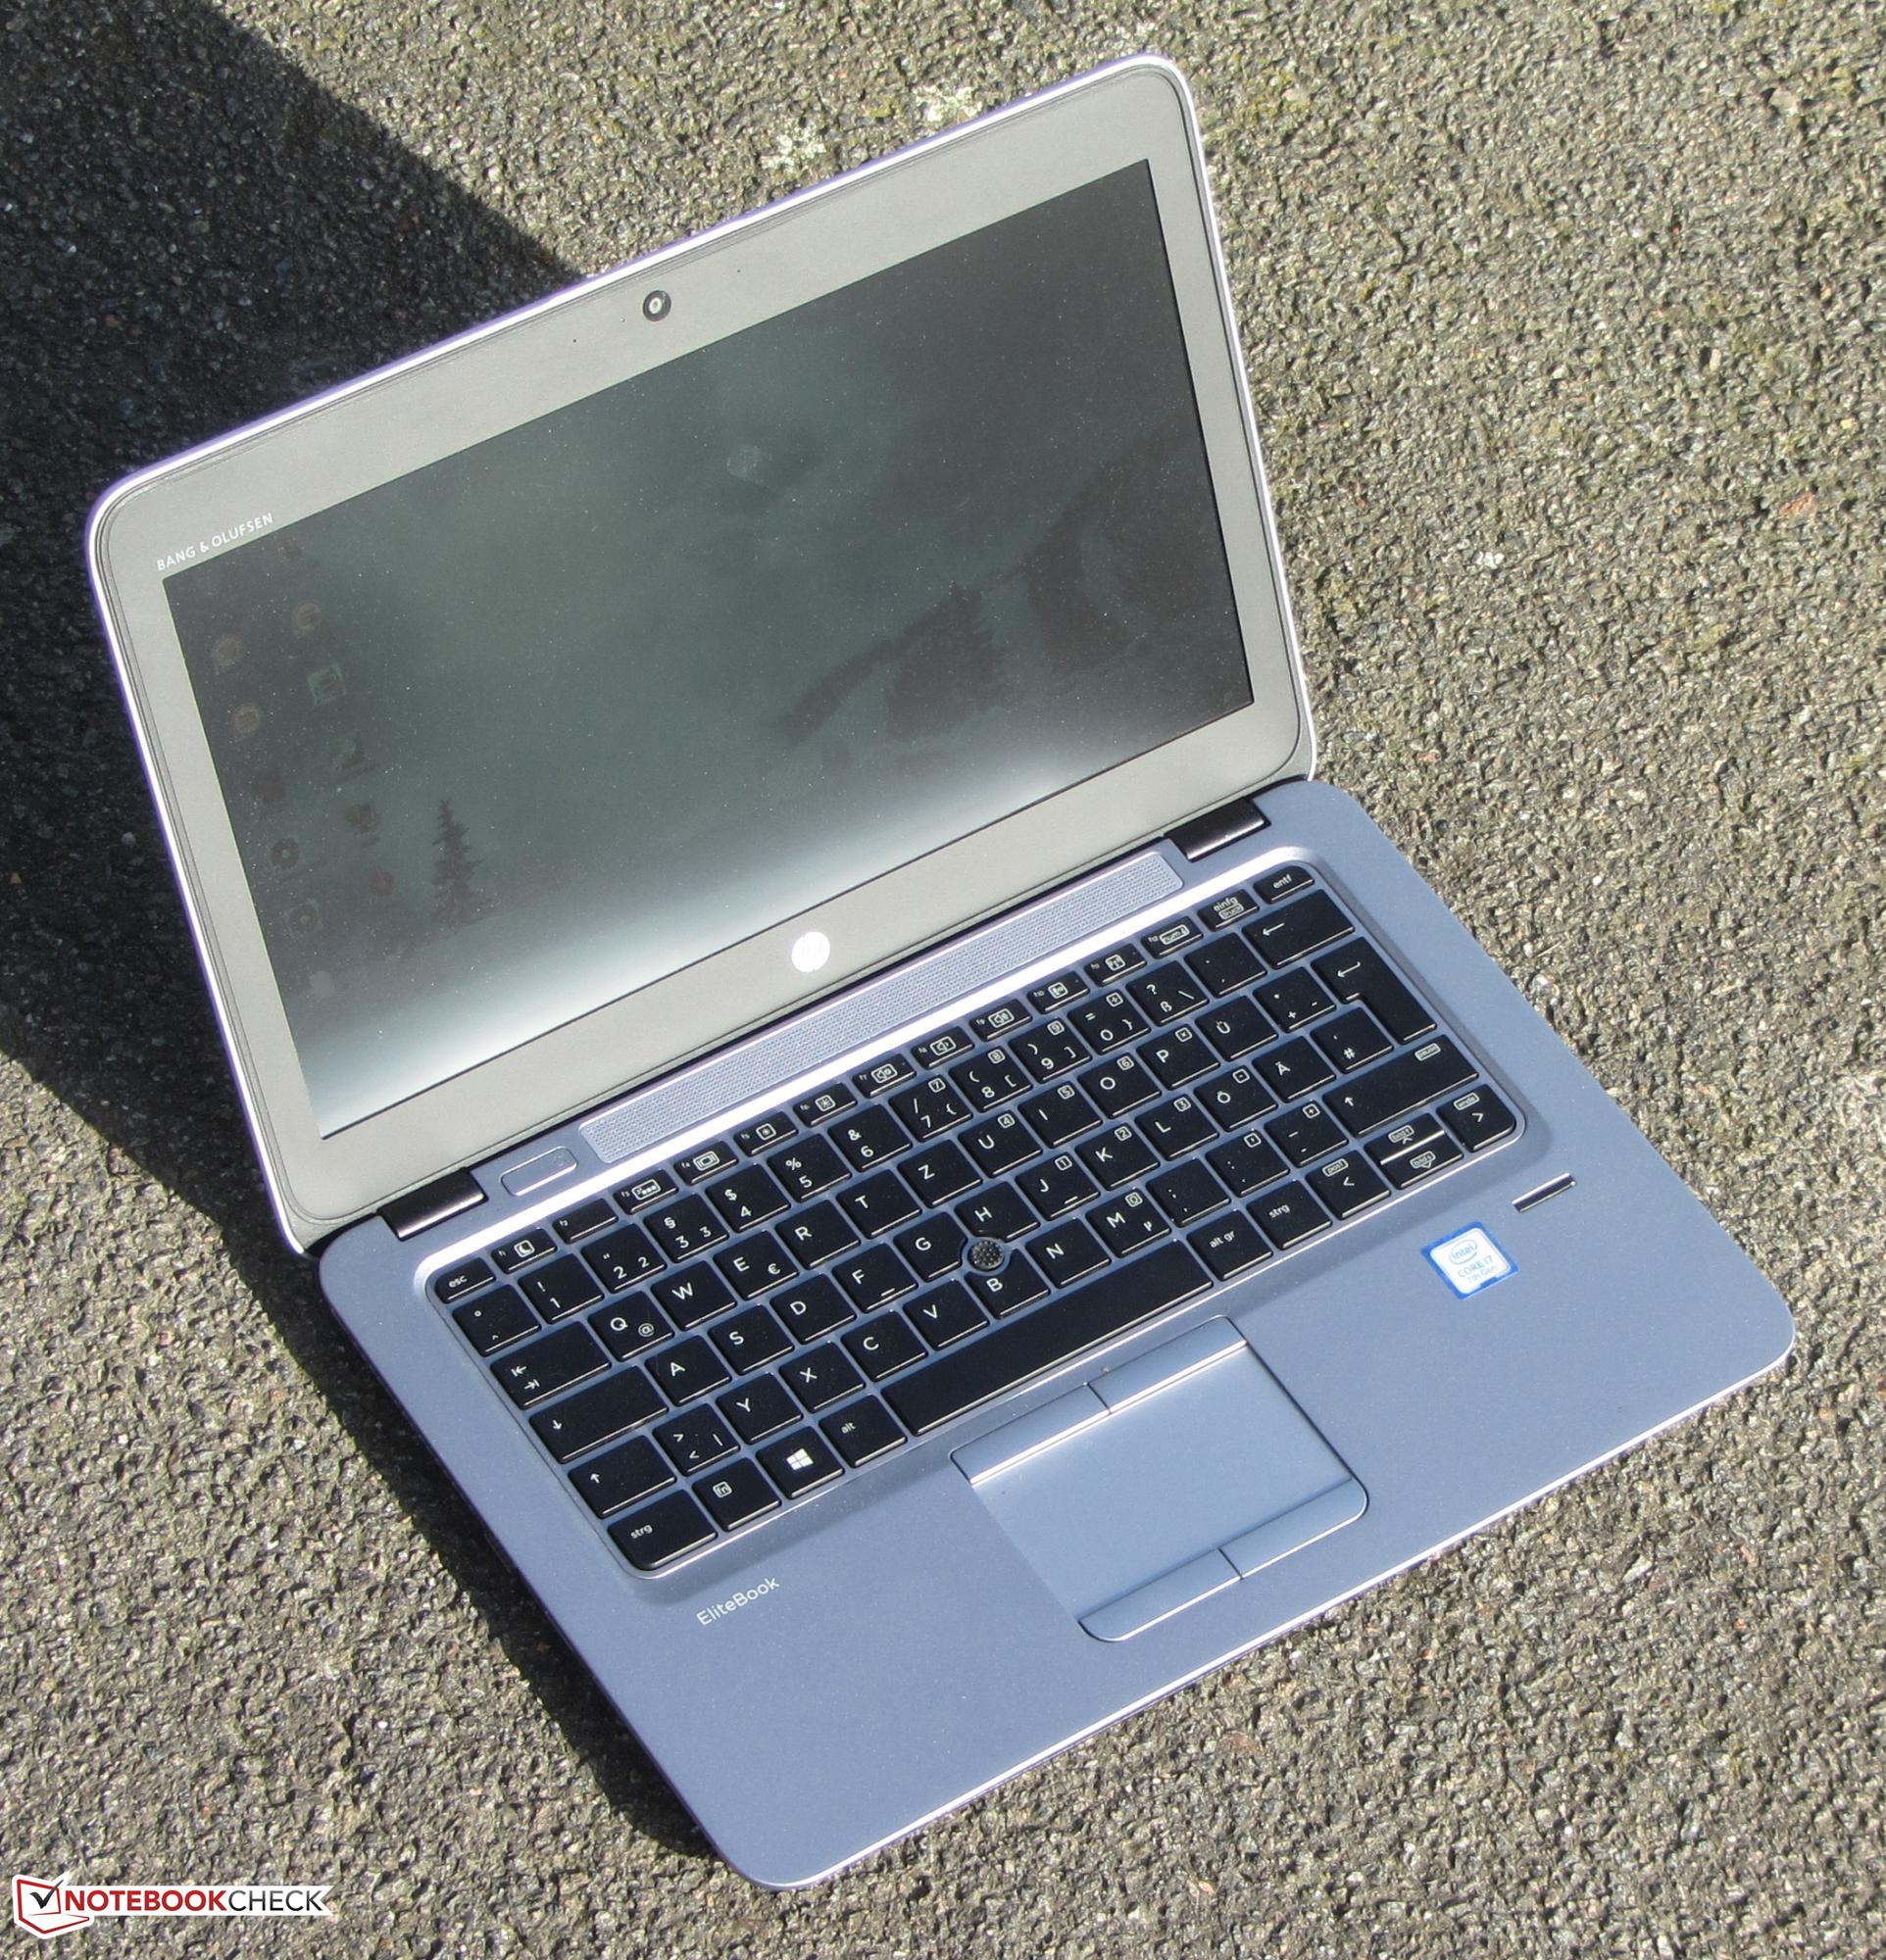 Hp Elitebook 820 G4 7500u Full Hd Notebook Review